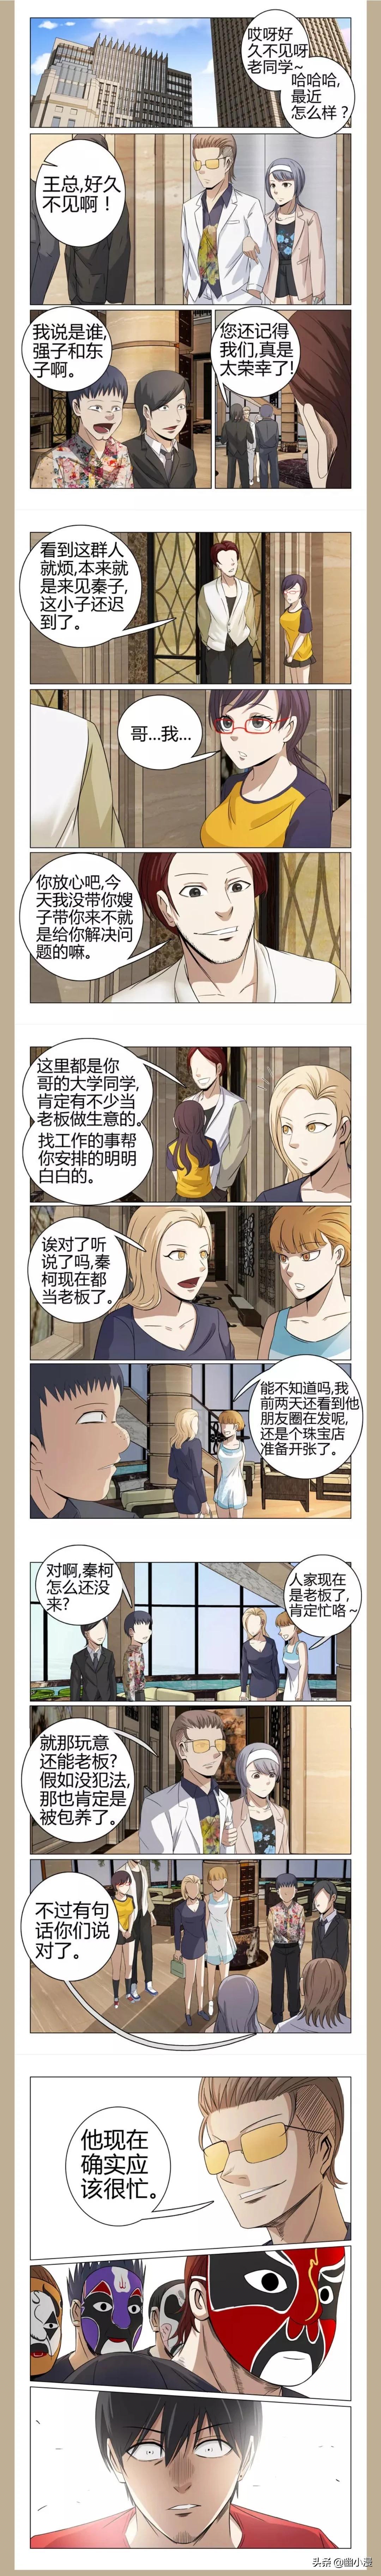 全彩漫画小说《超品透视》第47话-同学会